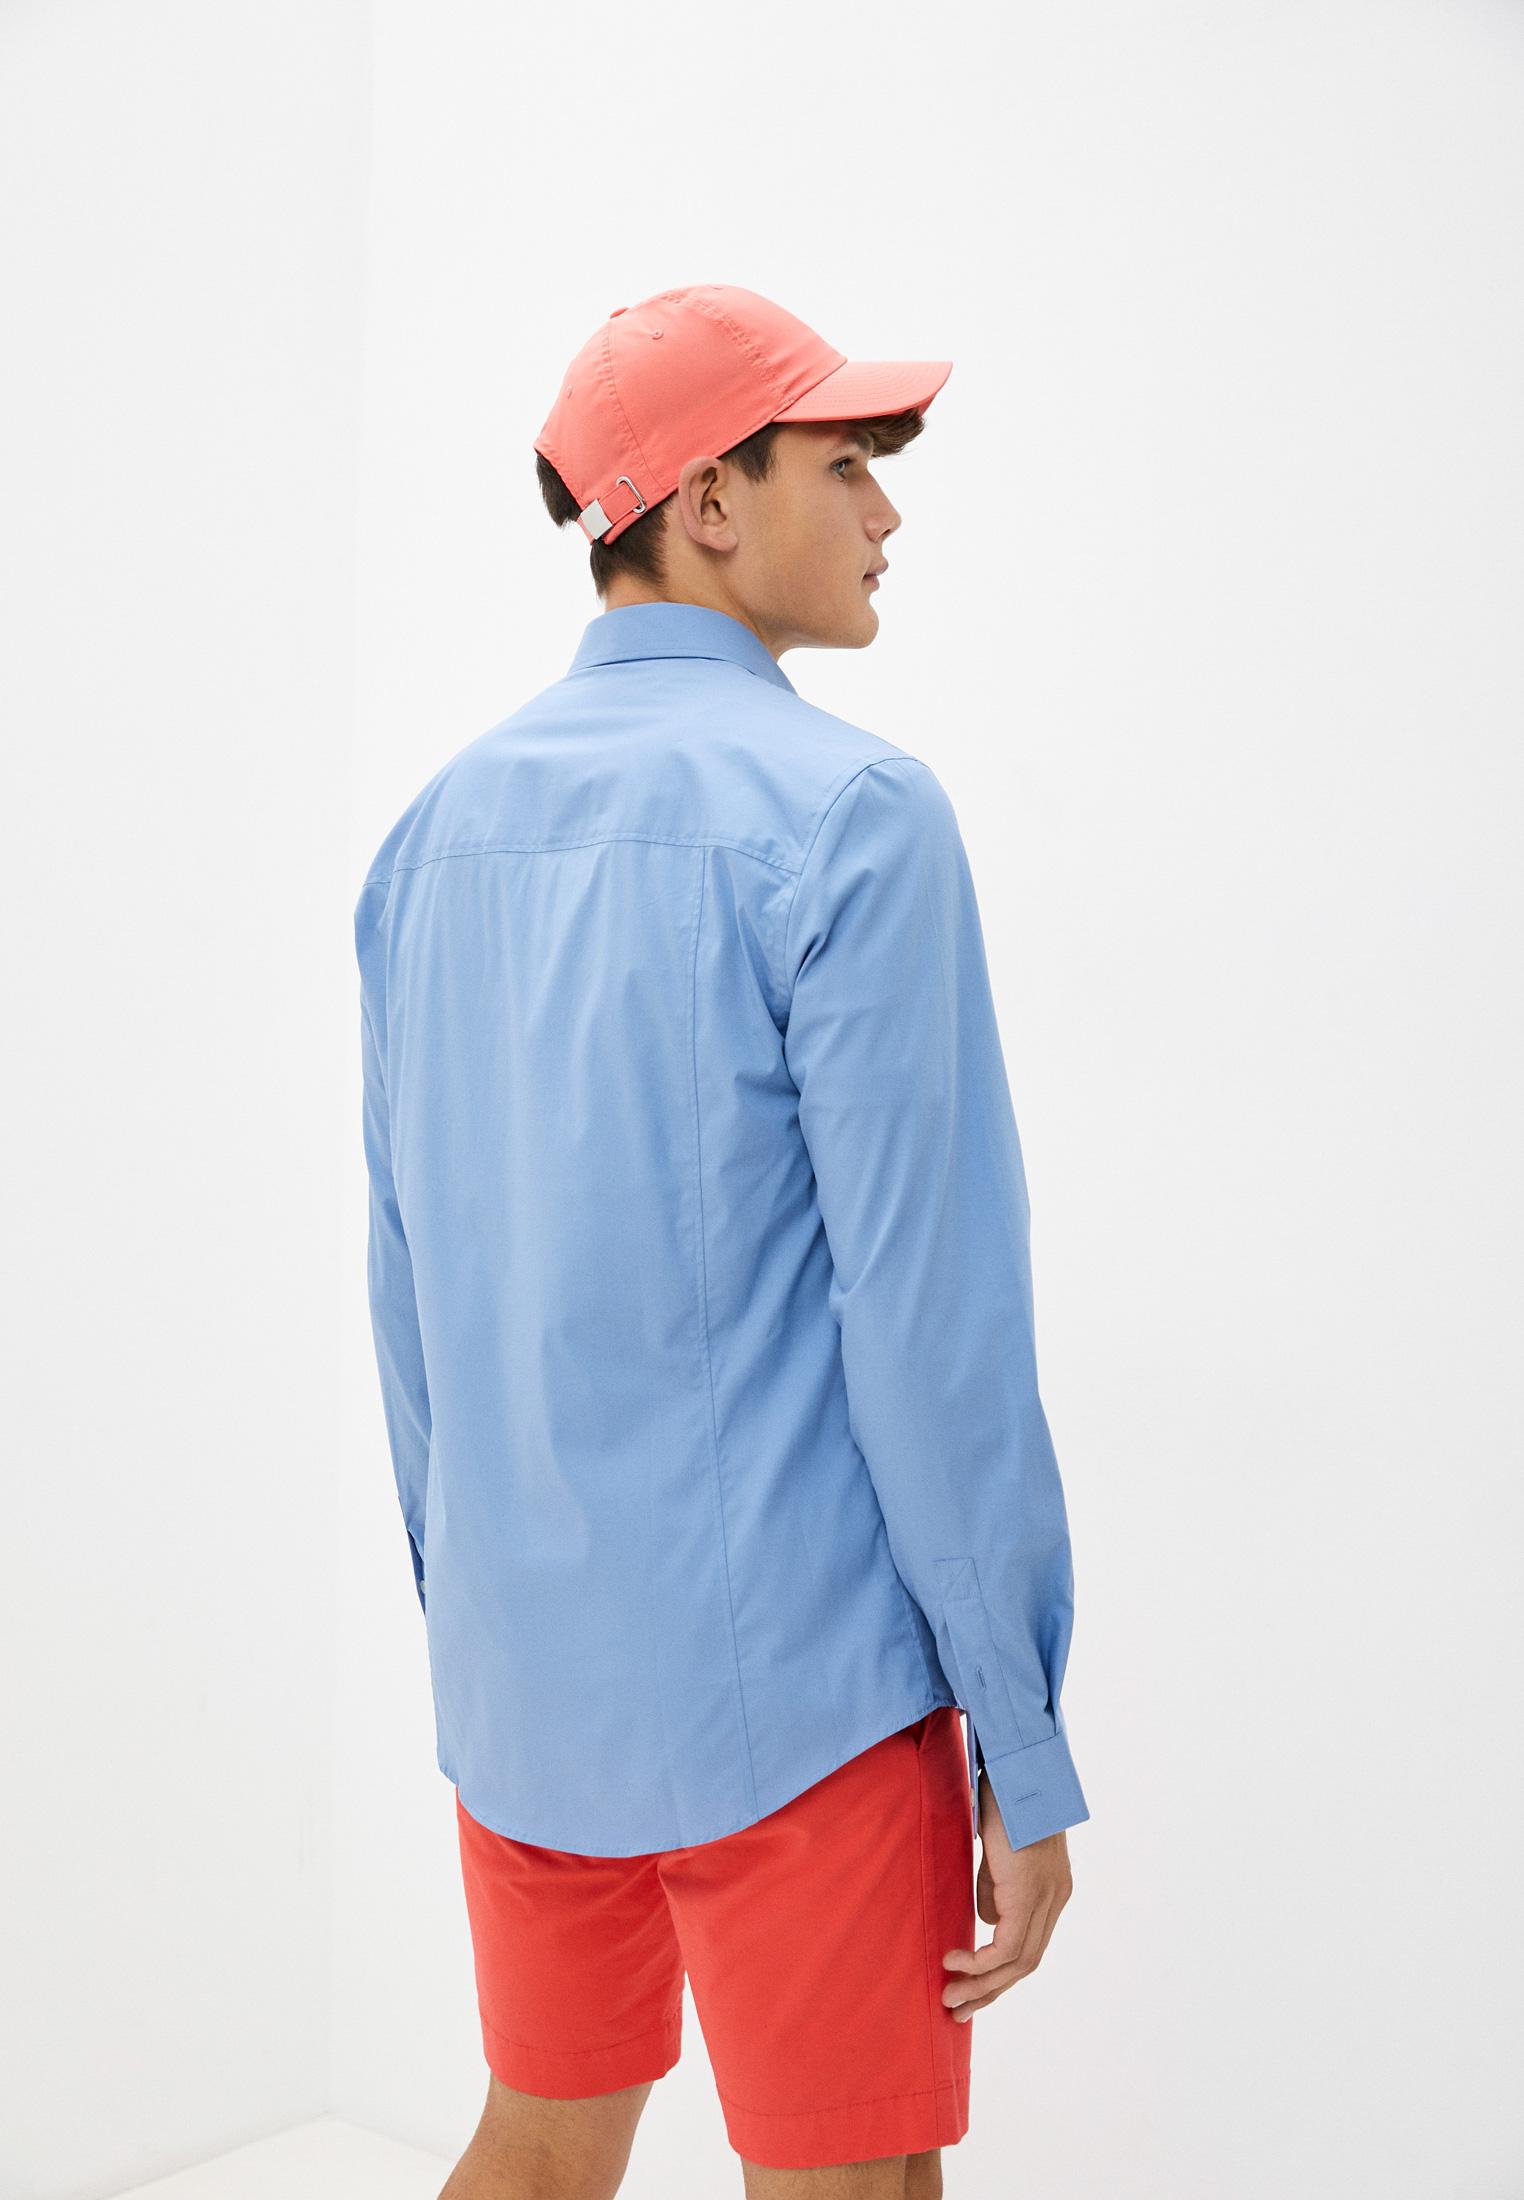 Рубашка с длинным рукавом Bikkembergs (Биккембергс) C C 073 00 S 2931: изображение 4